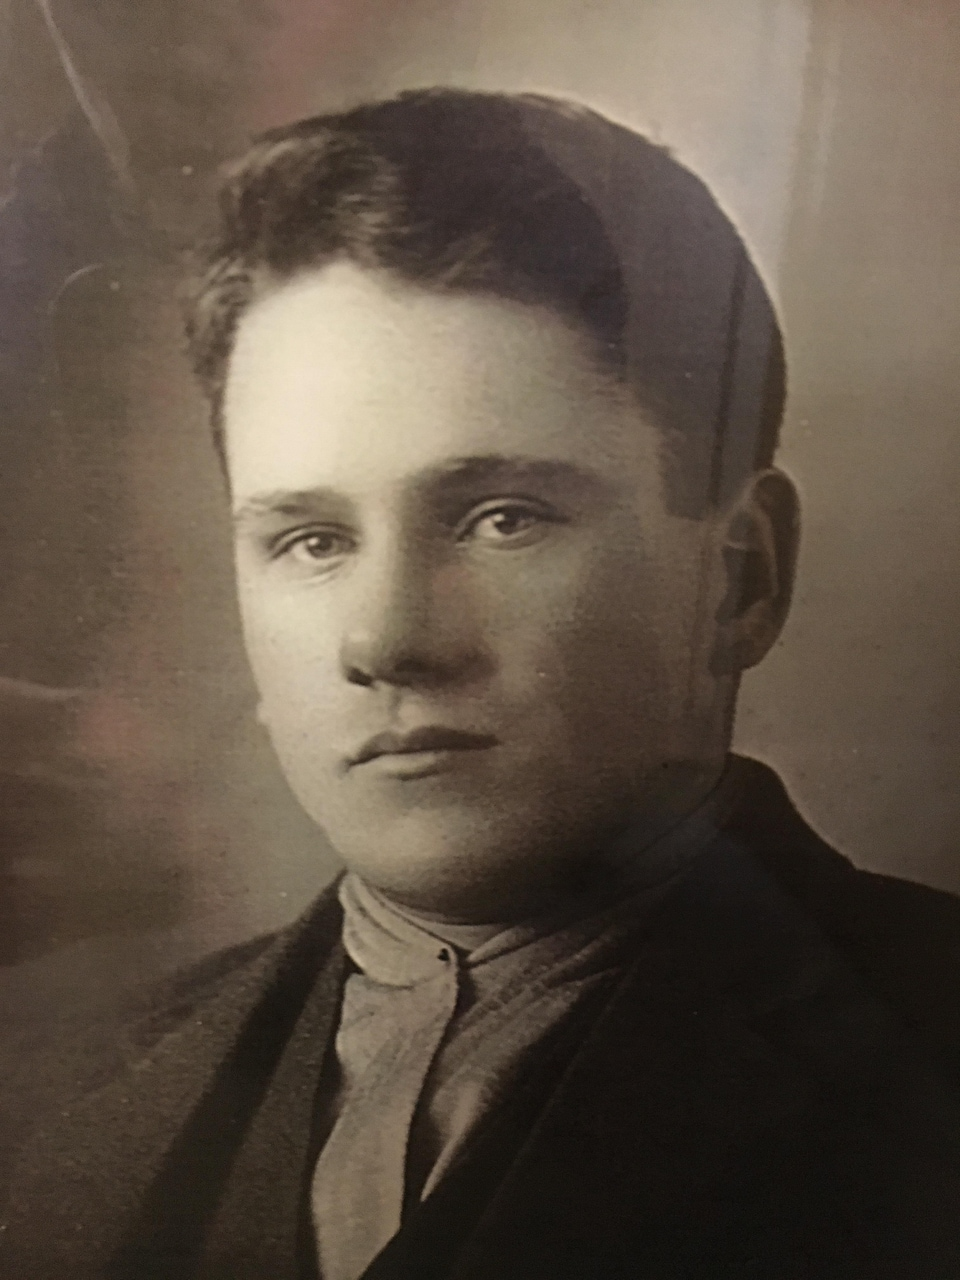 Une ancienne photo d'Arthur Lemire. Il est un jeune homme dans la photo.